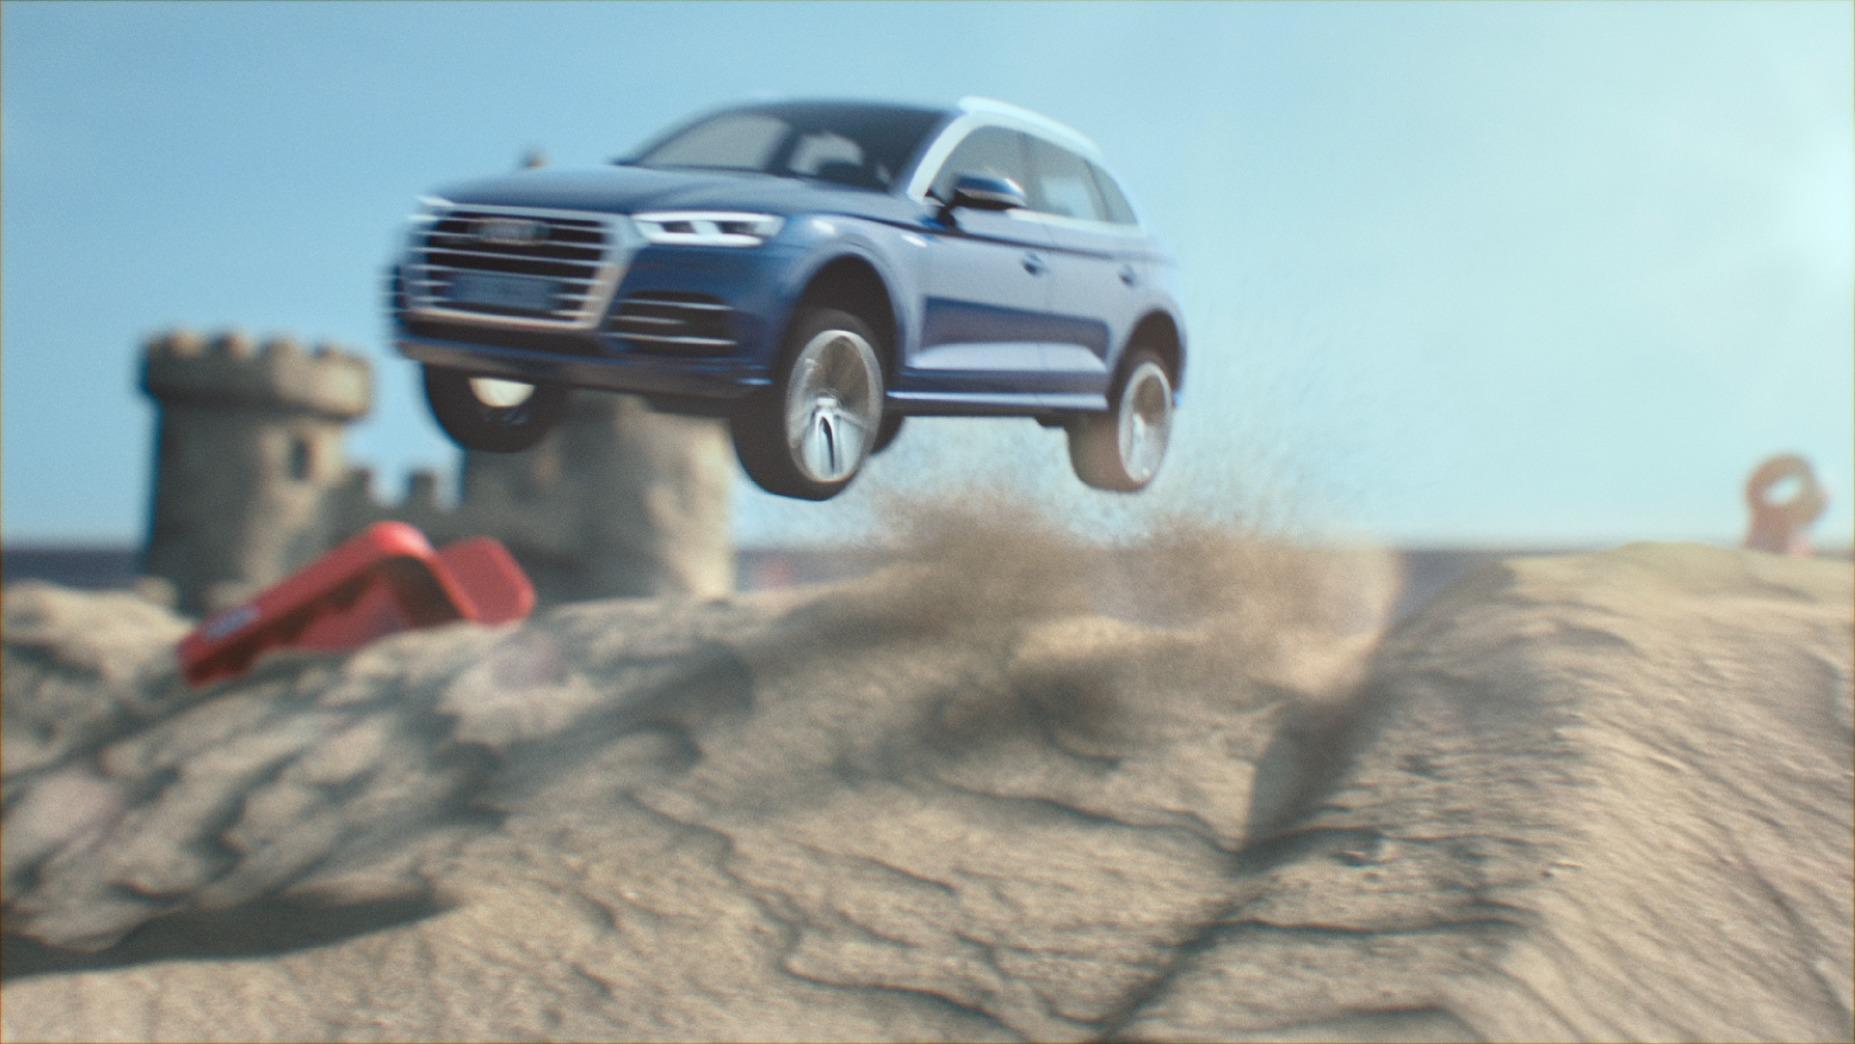 Audi med et spennende VR-konsept.